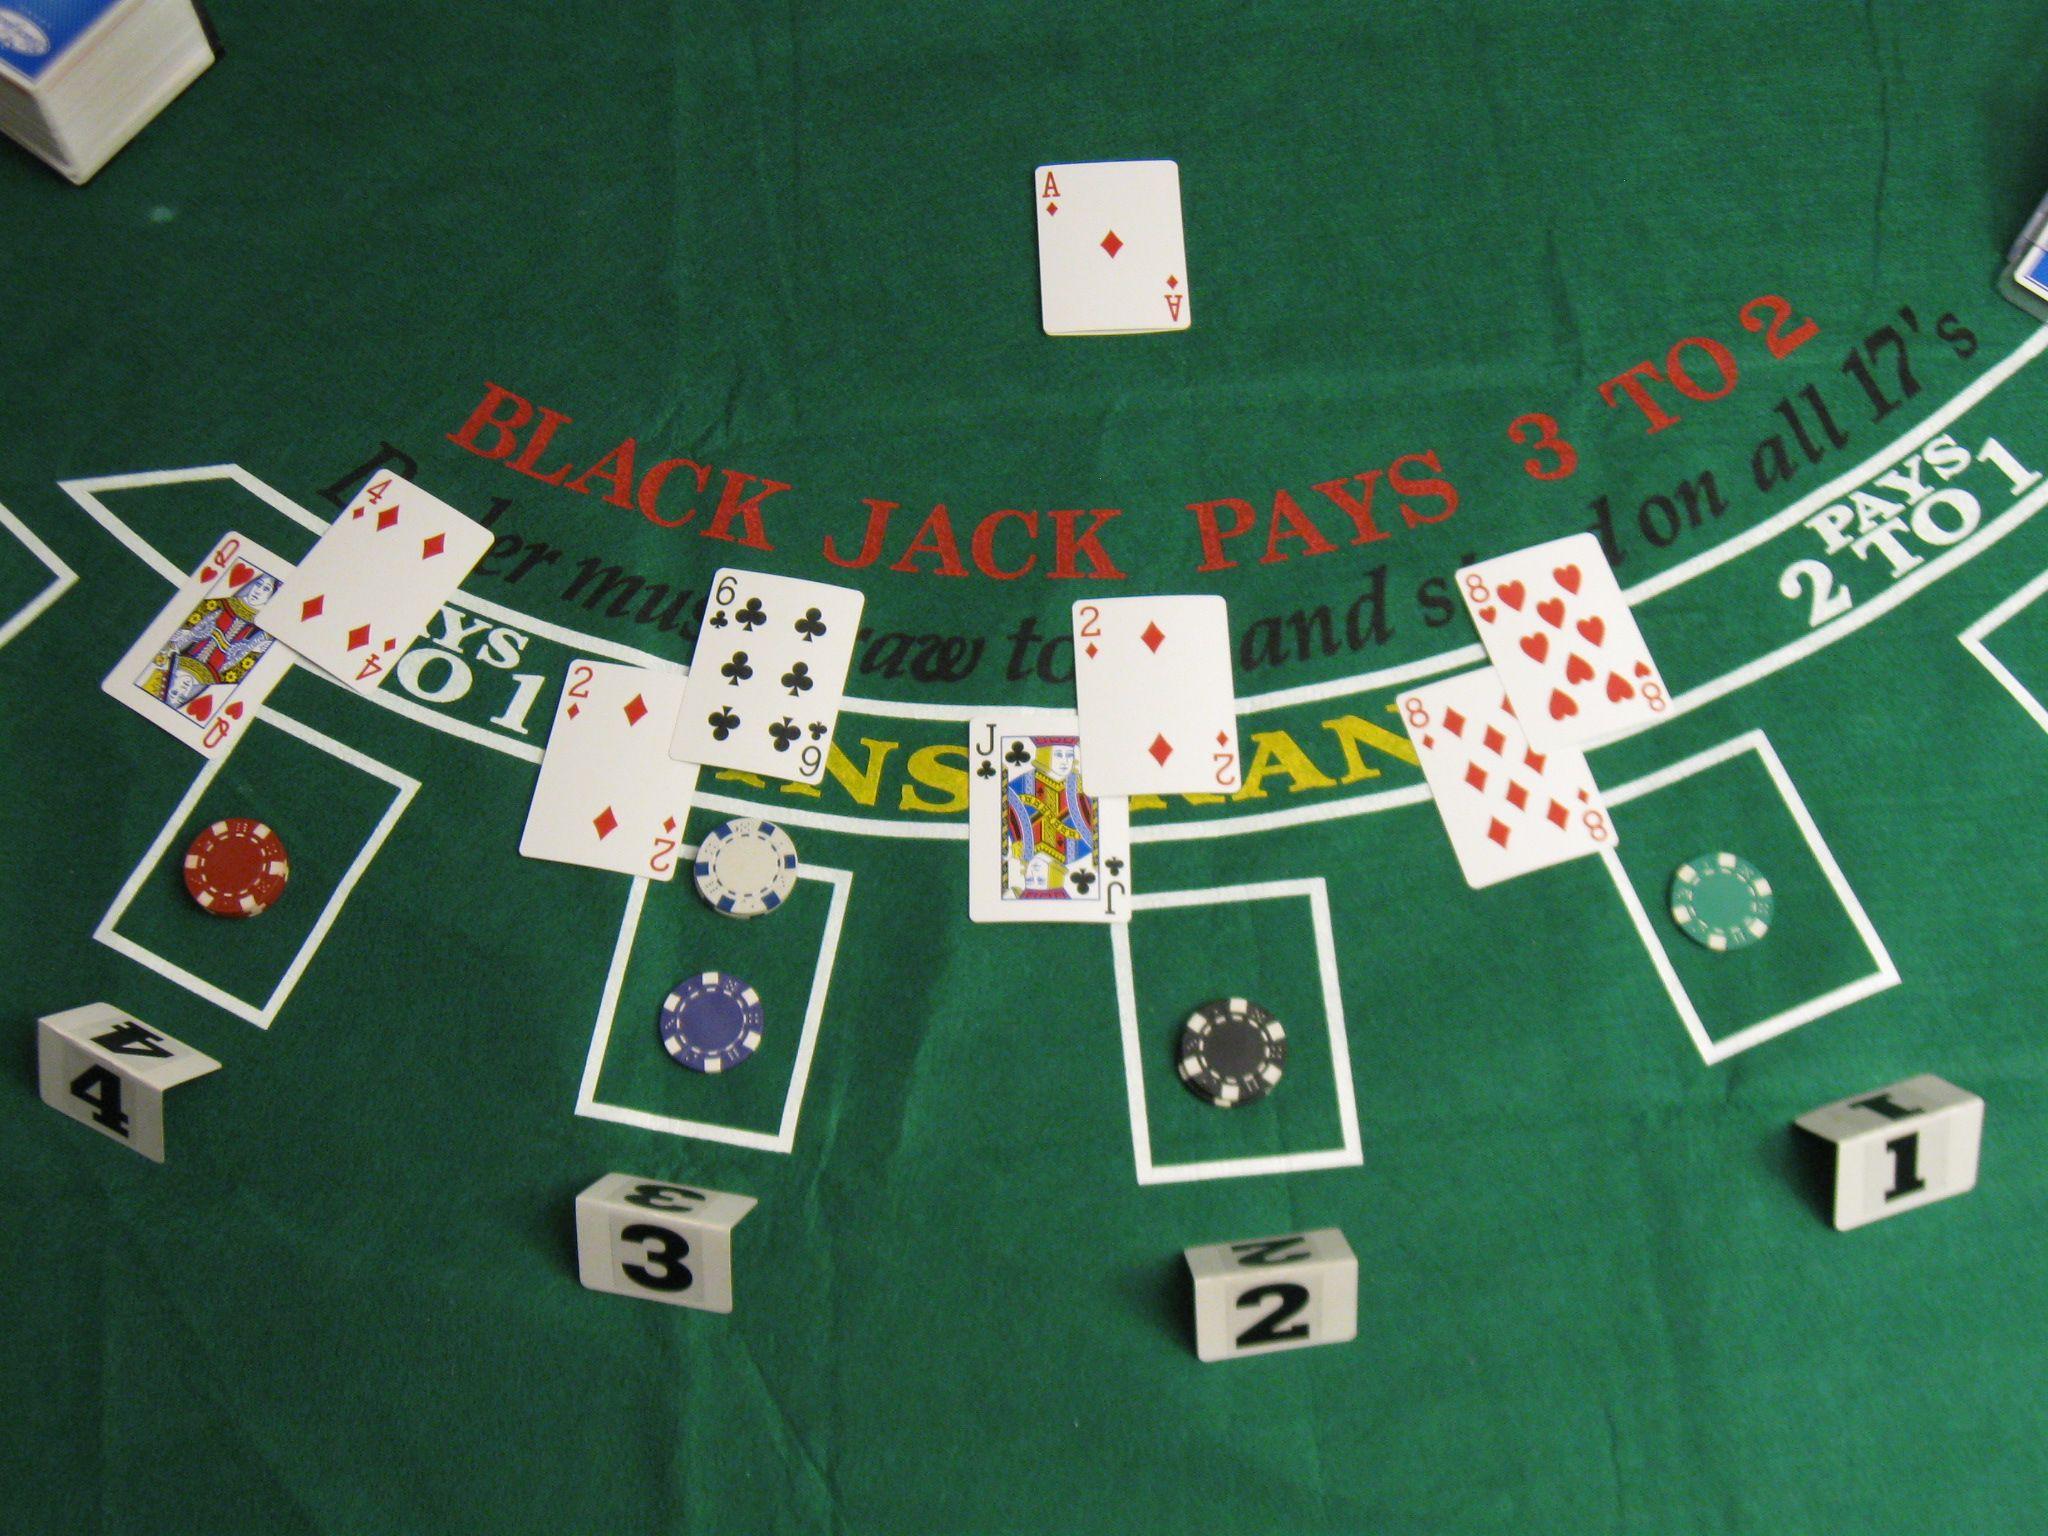 Poker texas online los mejores casino Uruguay-834891